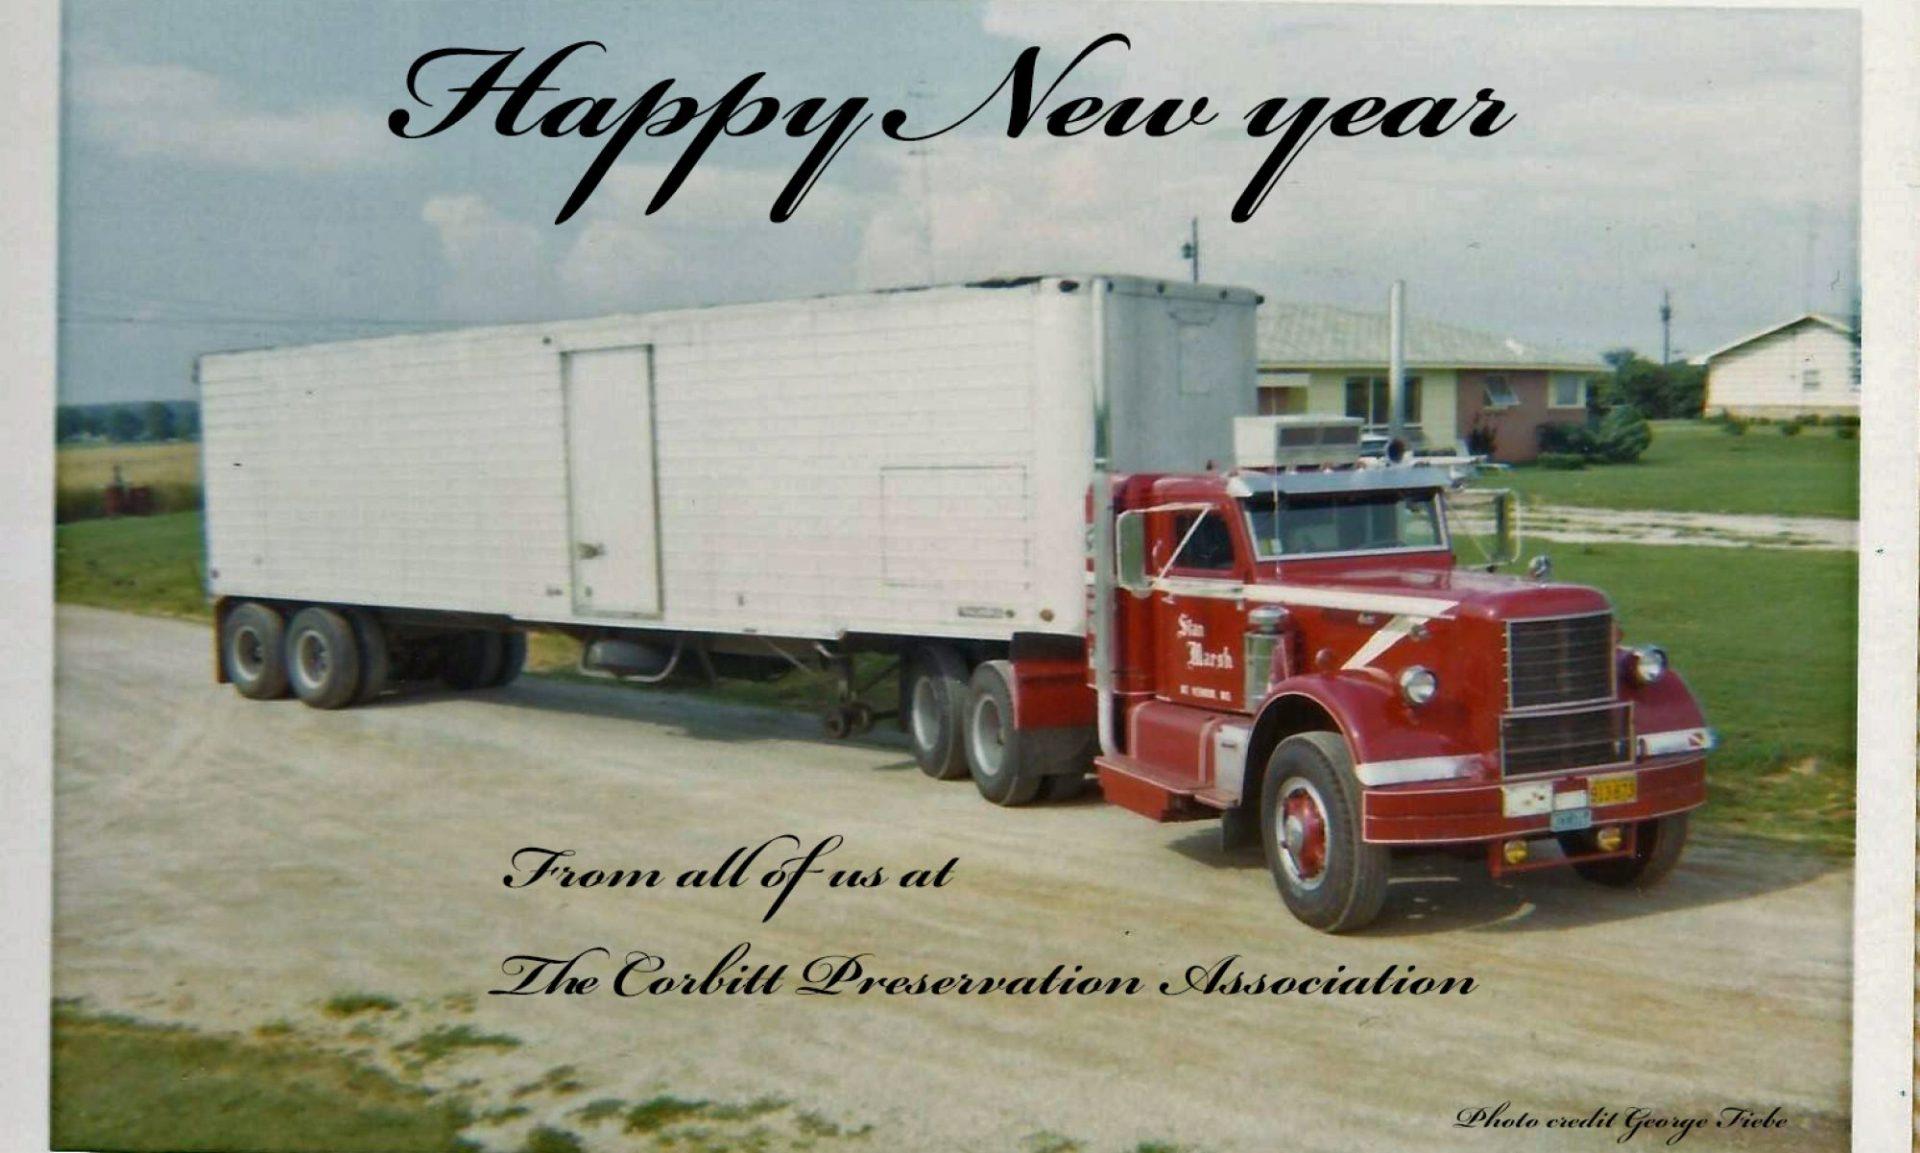 Corbitt Preservation Association